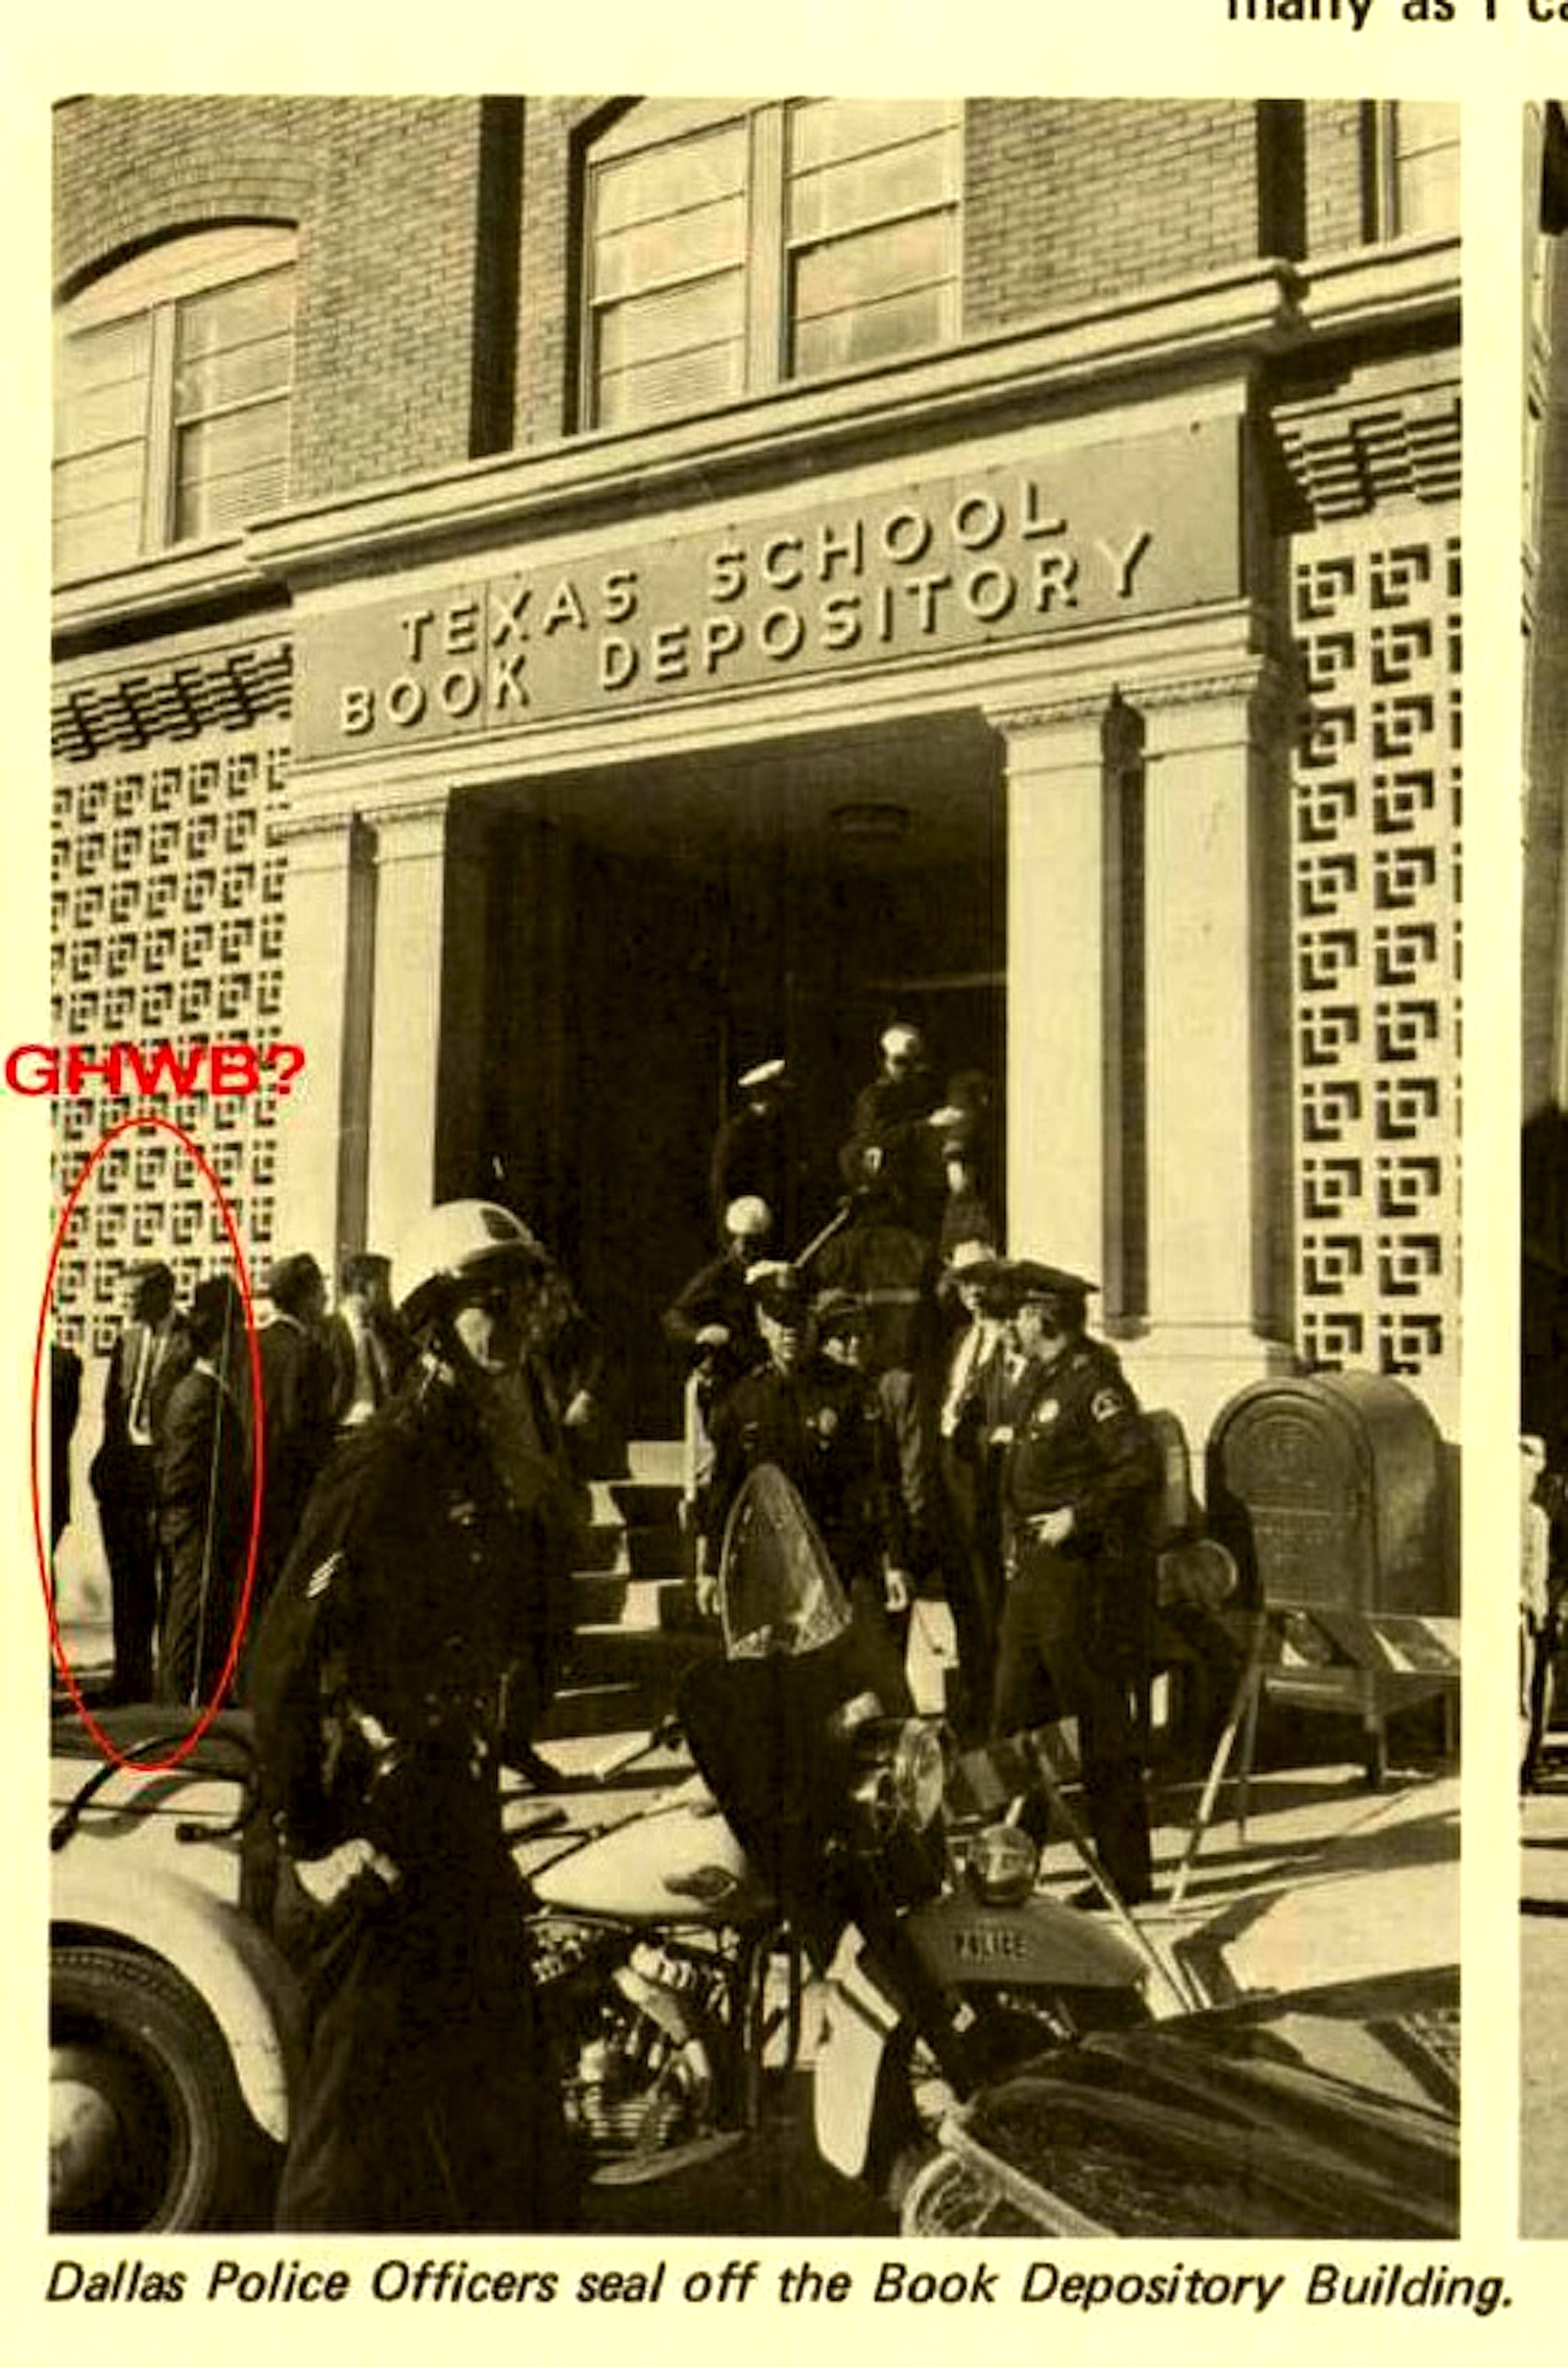 GWB Texas book depository.jpg